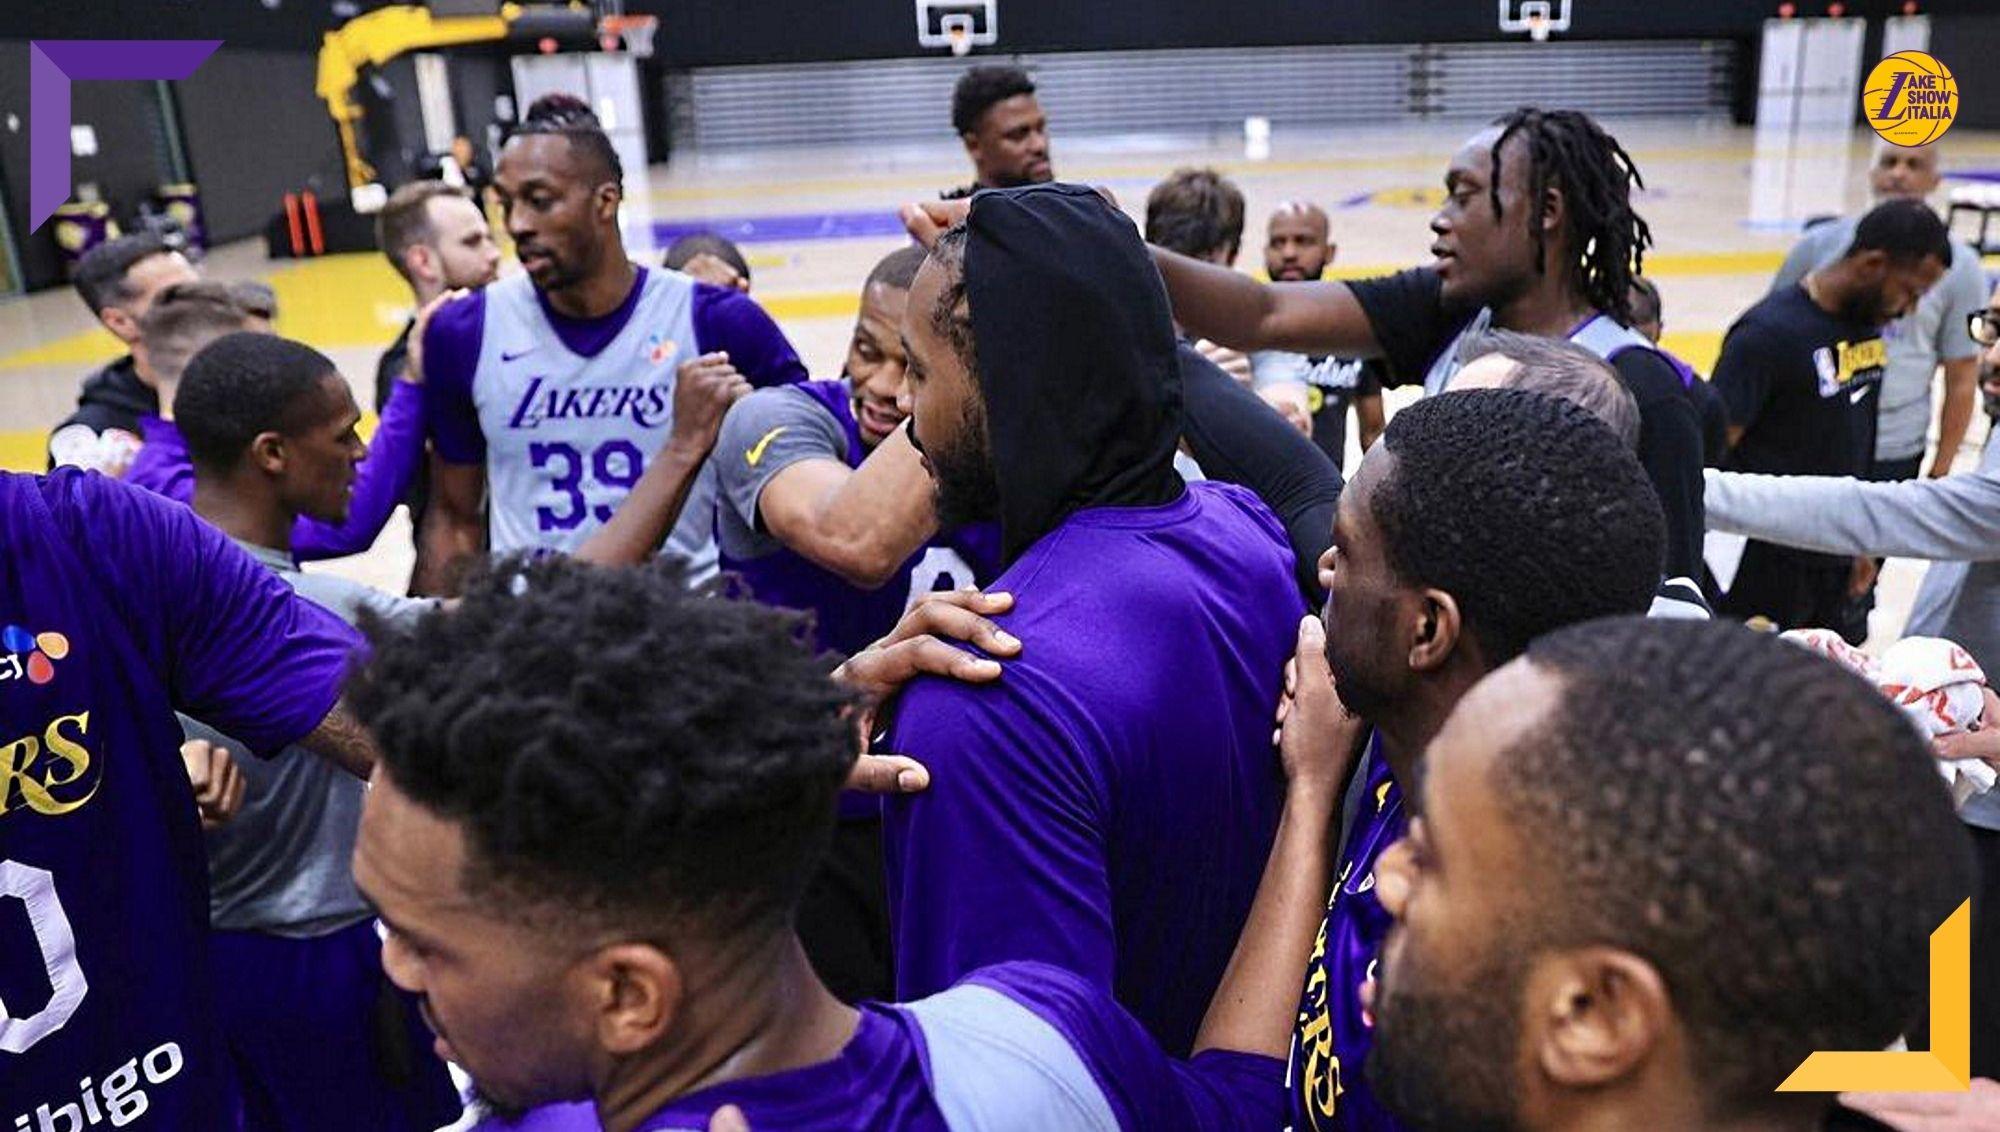 Carmelo Anthony non ha dubbi, i Lakers e Westbrook saranno pronti per l'esordio. Frank Vogel parla delle condizioni di Ellington, Nunn e Monk.